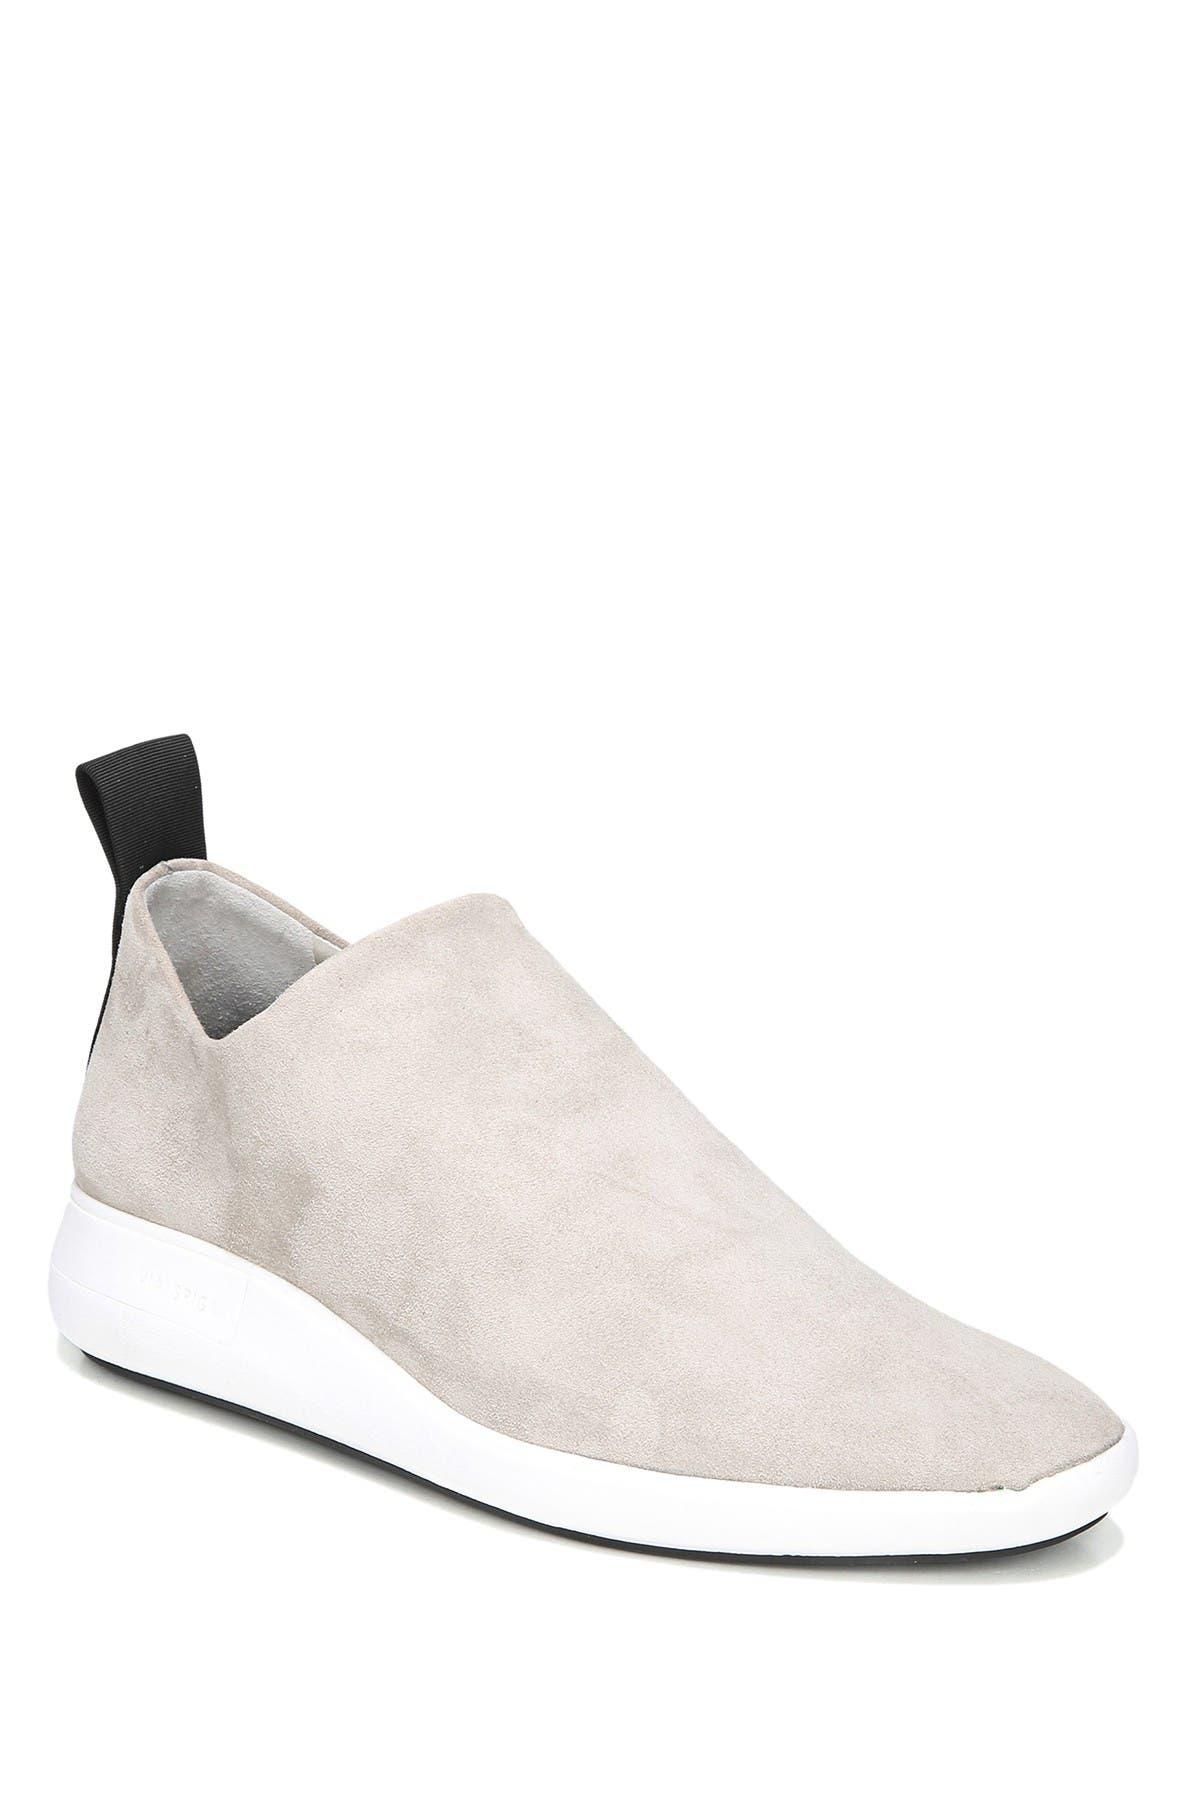 Via Spiga | Marlow Slip-On Sneaker